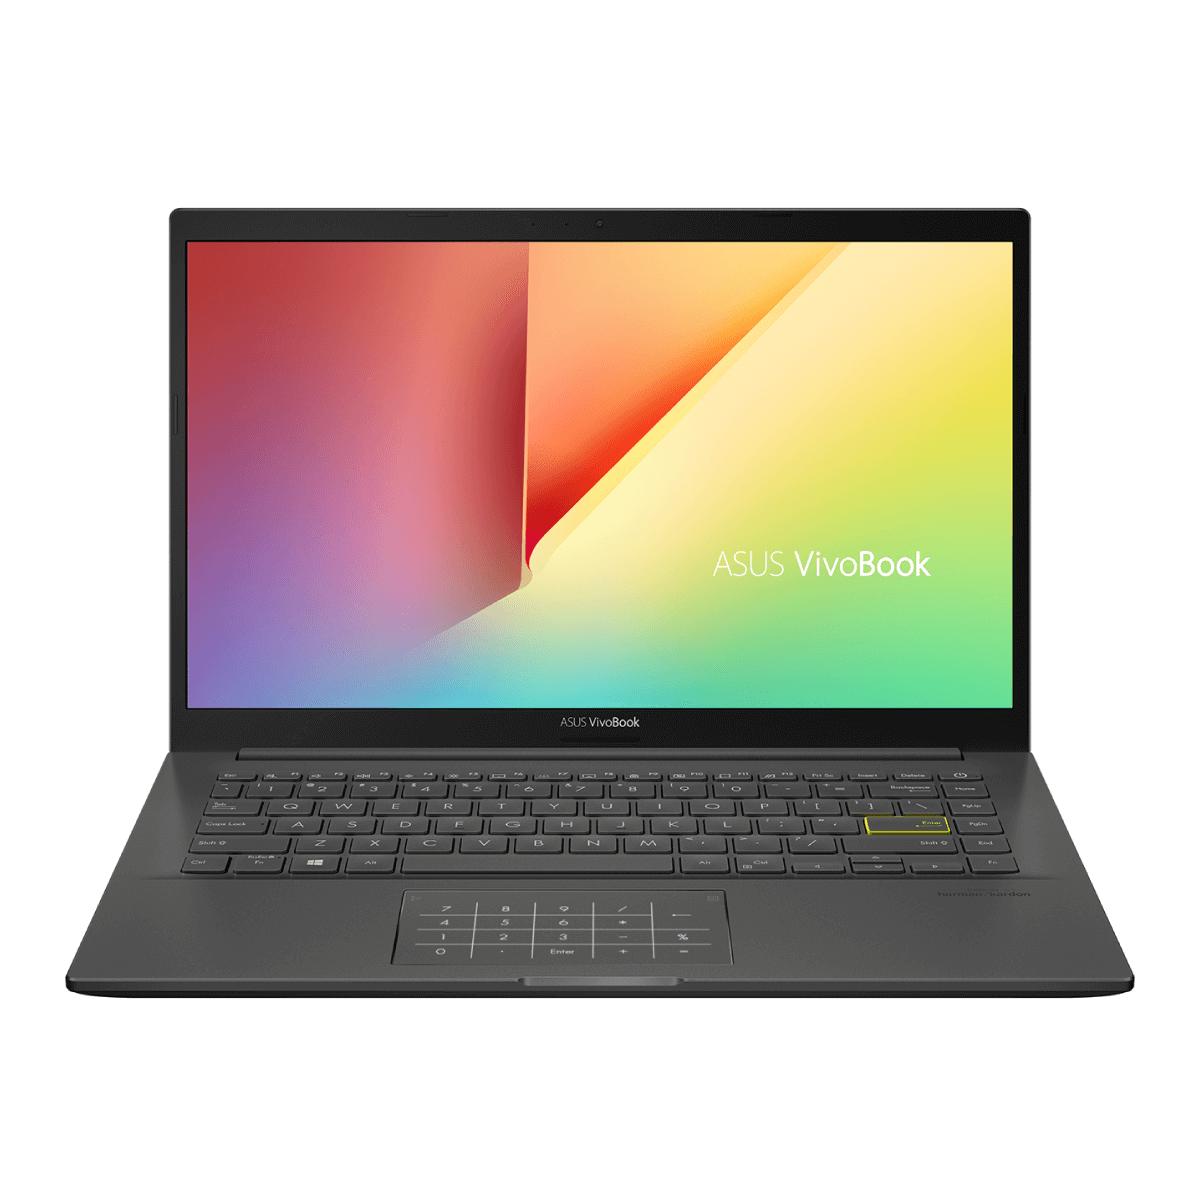 ASUS VivoBook 14 - S14 (i3, 512GB, Indie Black)